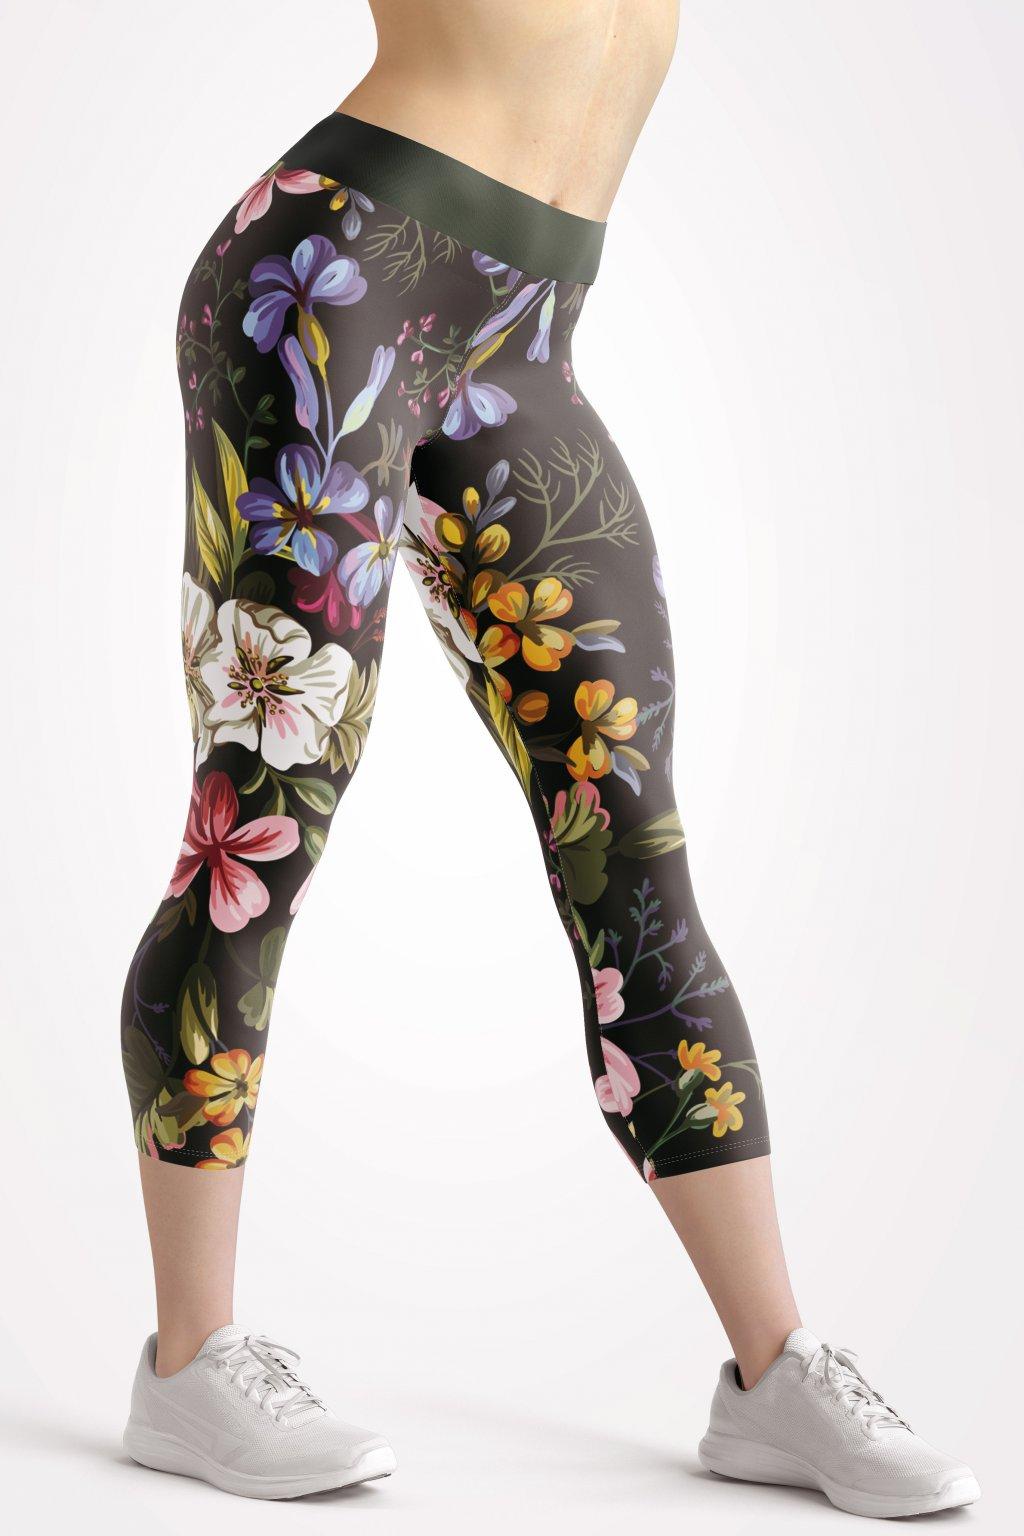 flower garden 3 4 leggings by utopy